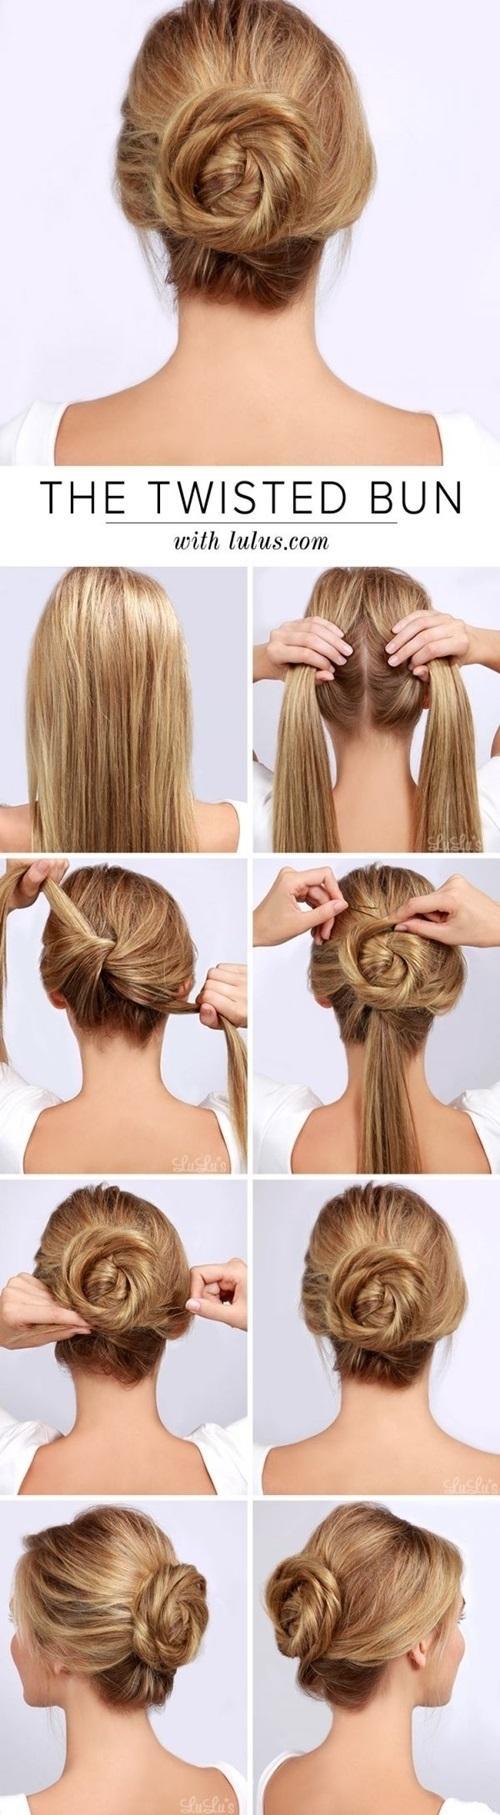 Hướng dẫn cách làm những kiểu tóc búi giản dị cực dễ thương chống nóng hè hiệu quả phần 2